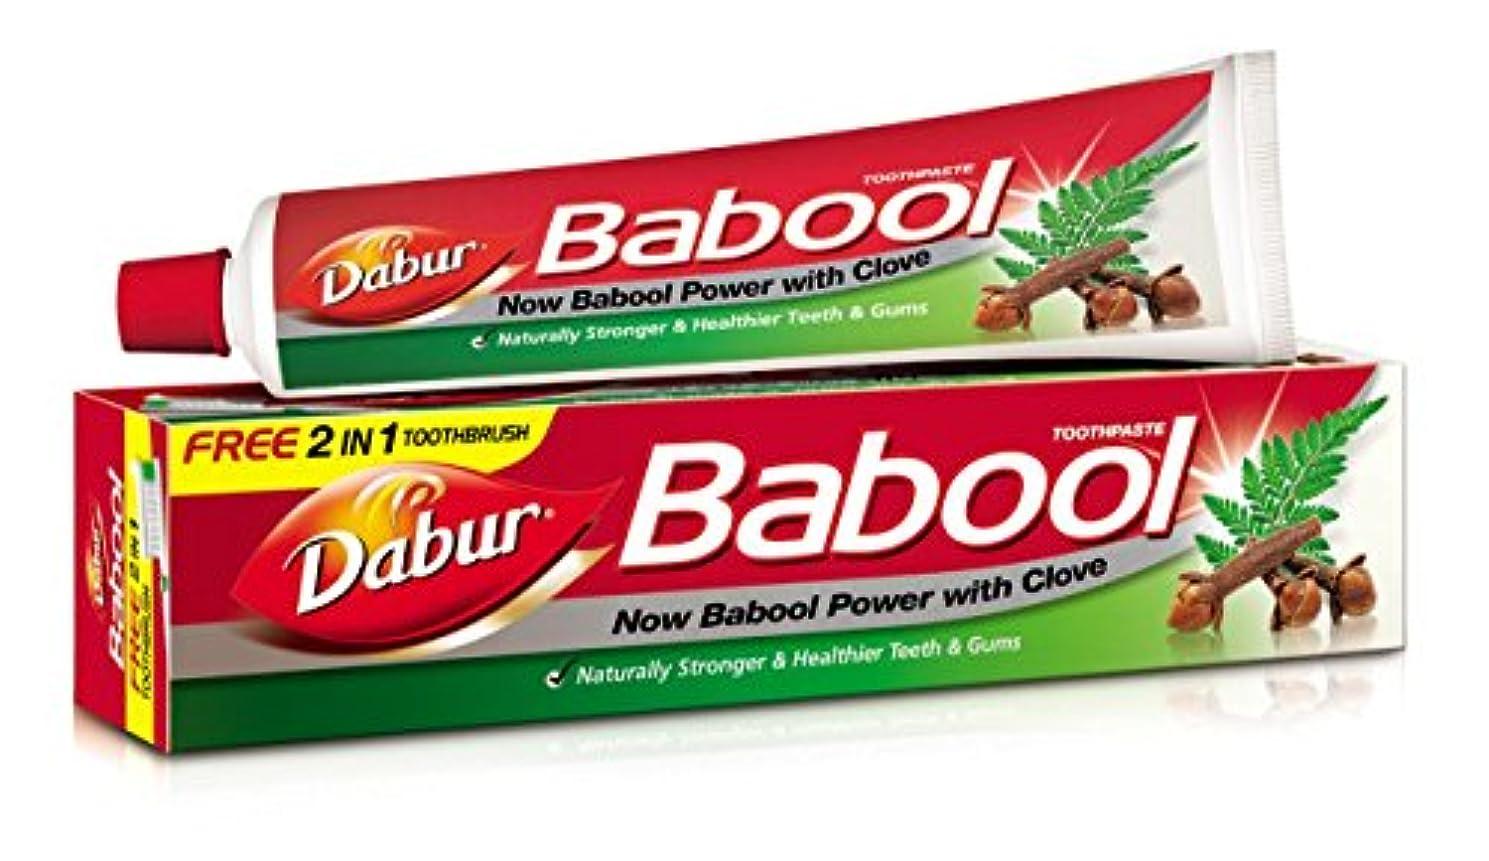 増強する横センチメートルDabur Babool Toothpaste 80 Grams - India